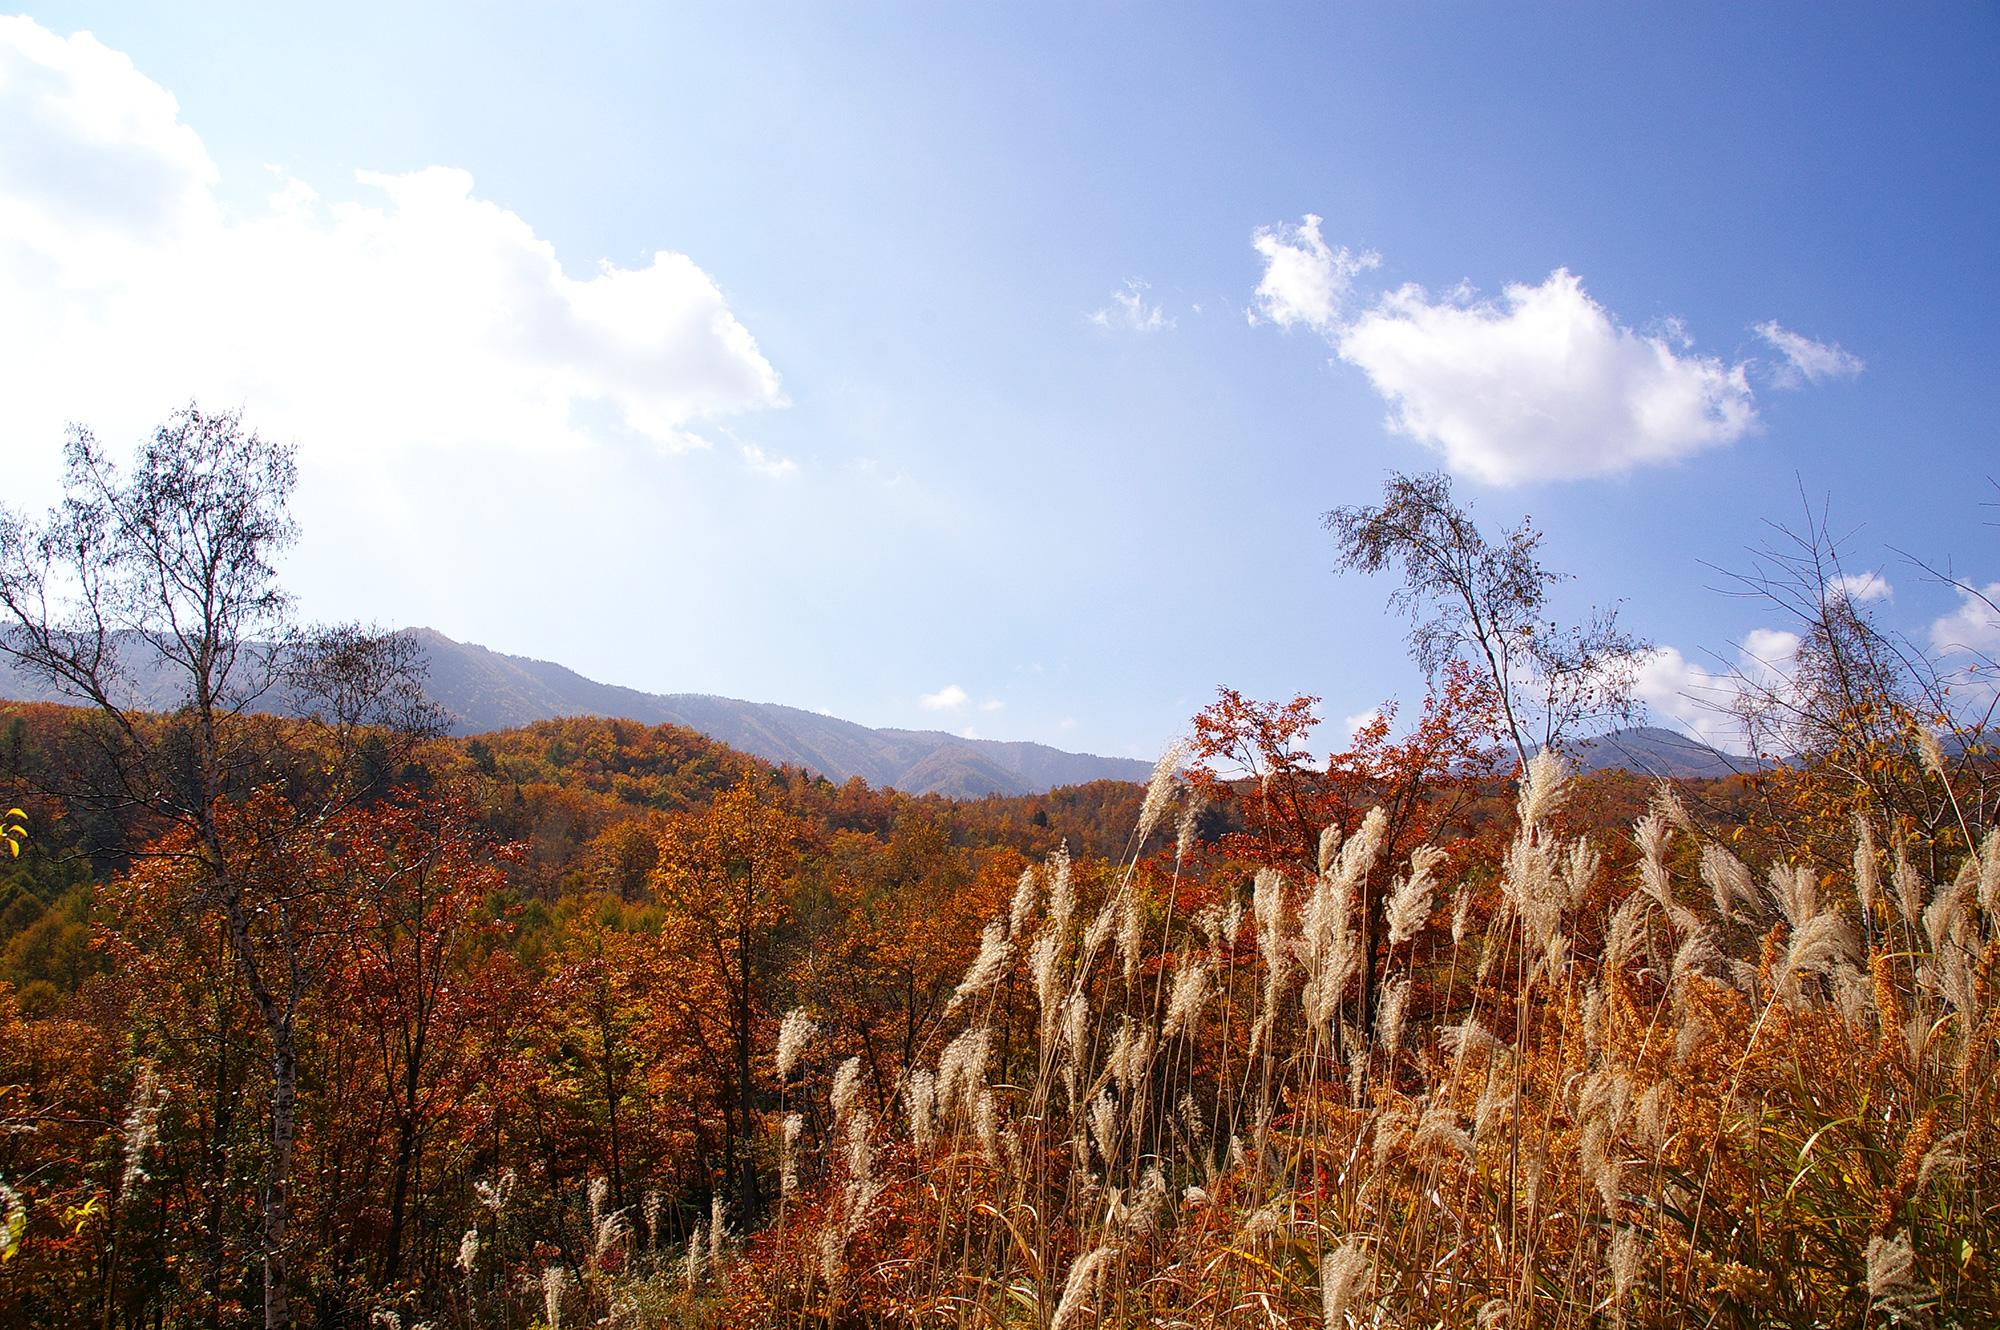 秋色風景の写真のフリー素材